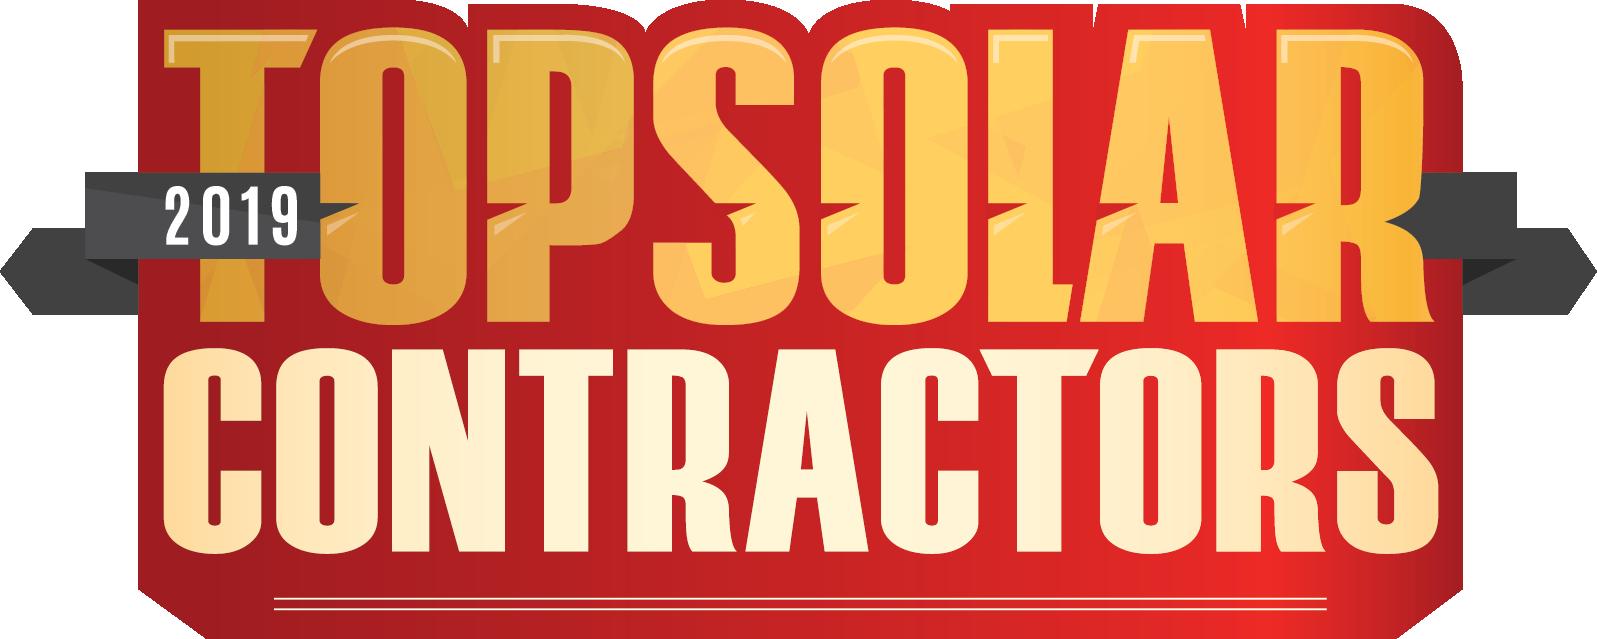 Top Solar Contractors logo 2019